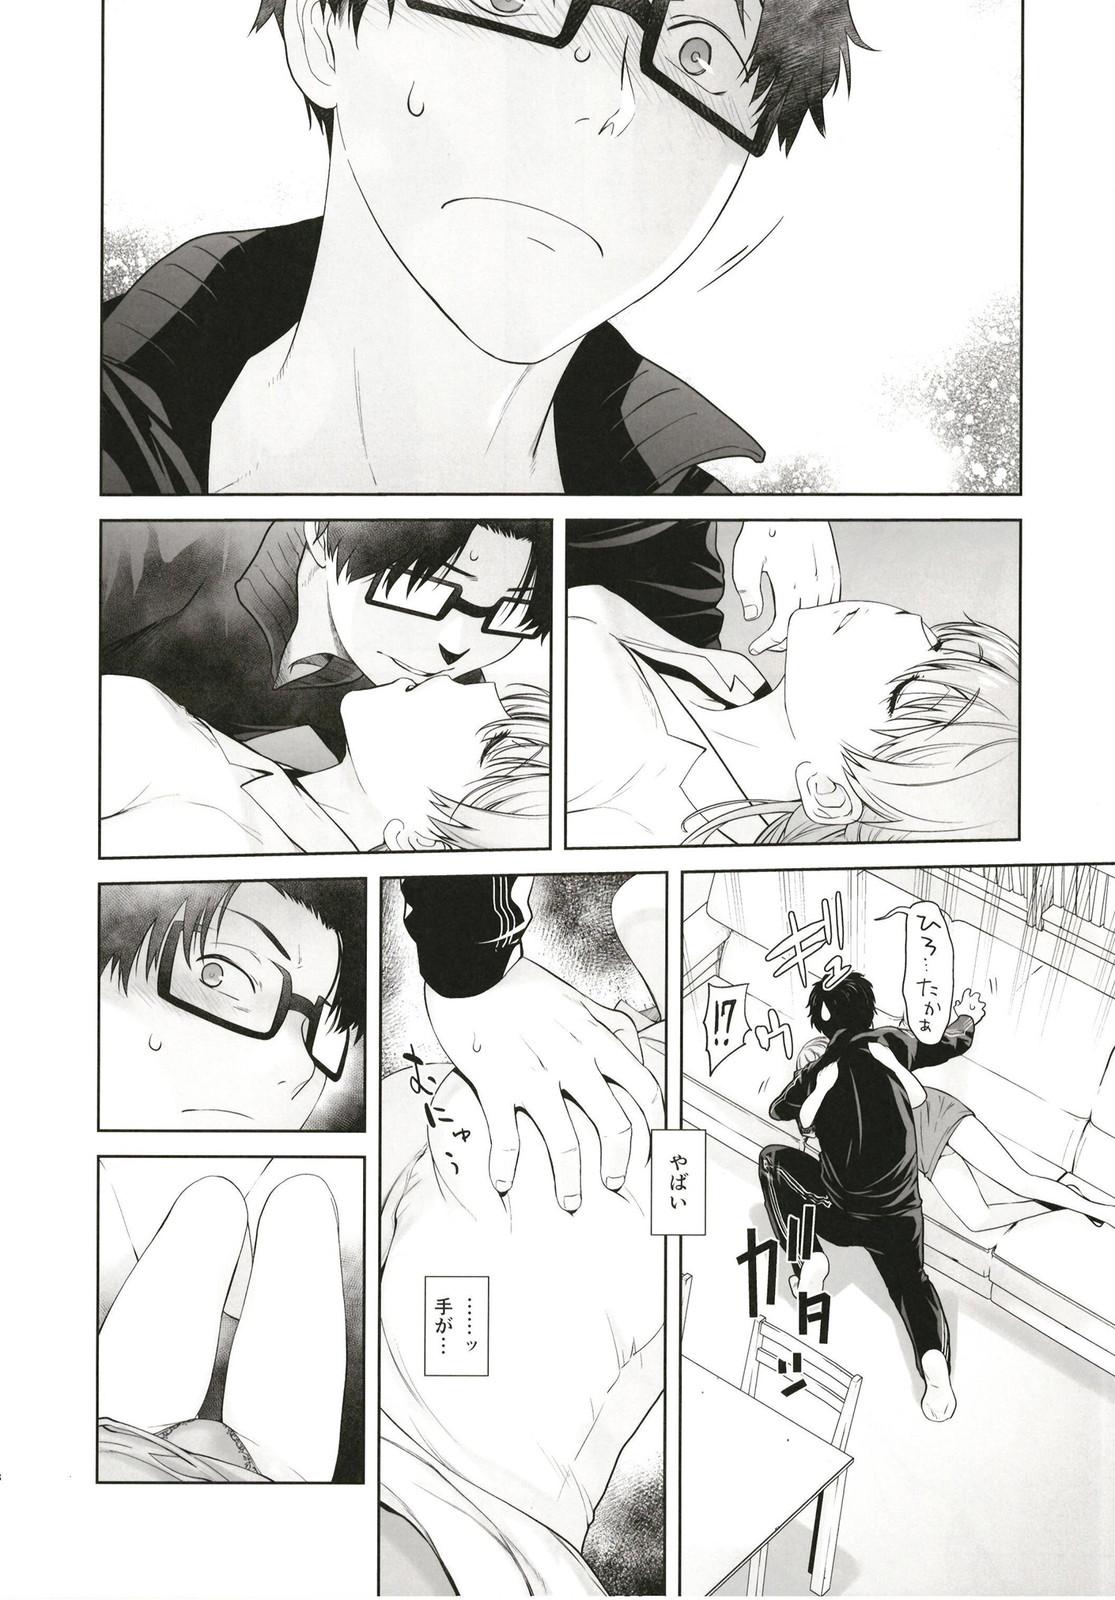 【エロ同人誌】酔い潰れて寝てしまった成海…寝顔を見て興奮した恋人に酔姦されてしまうwww【大塚子虎:HONEY BLADE】